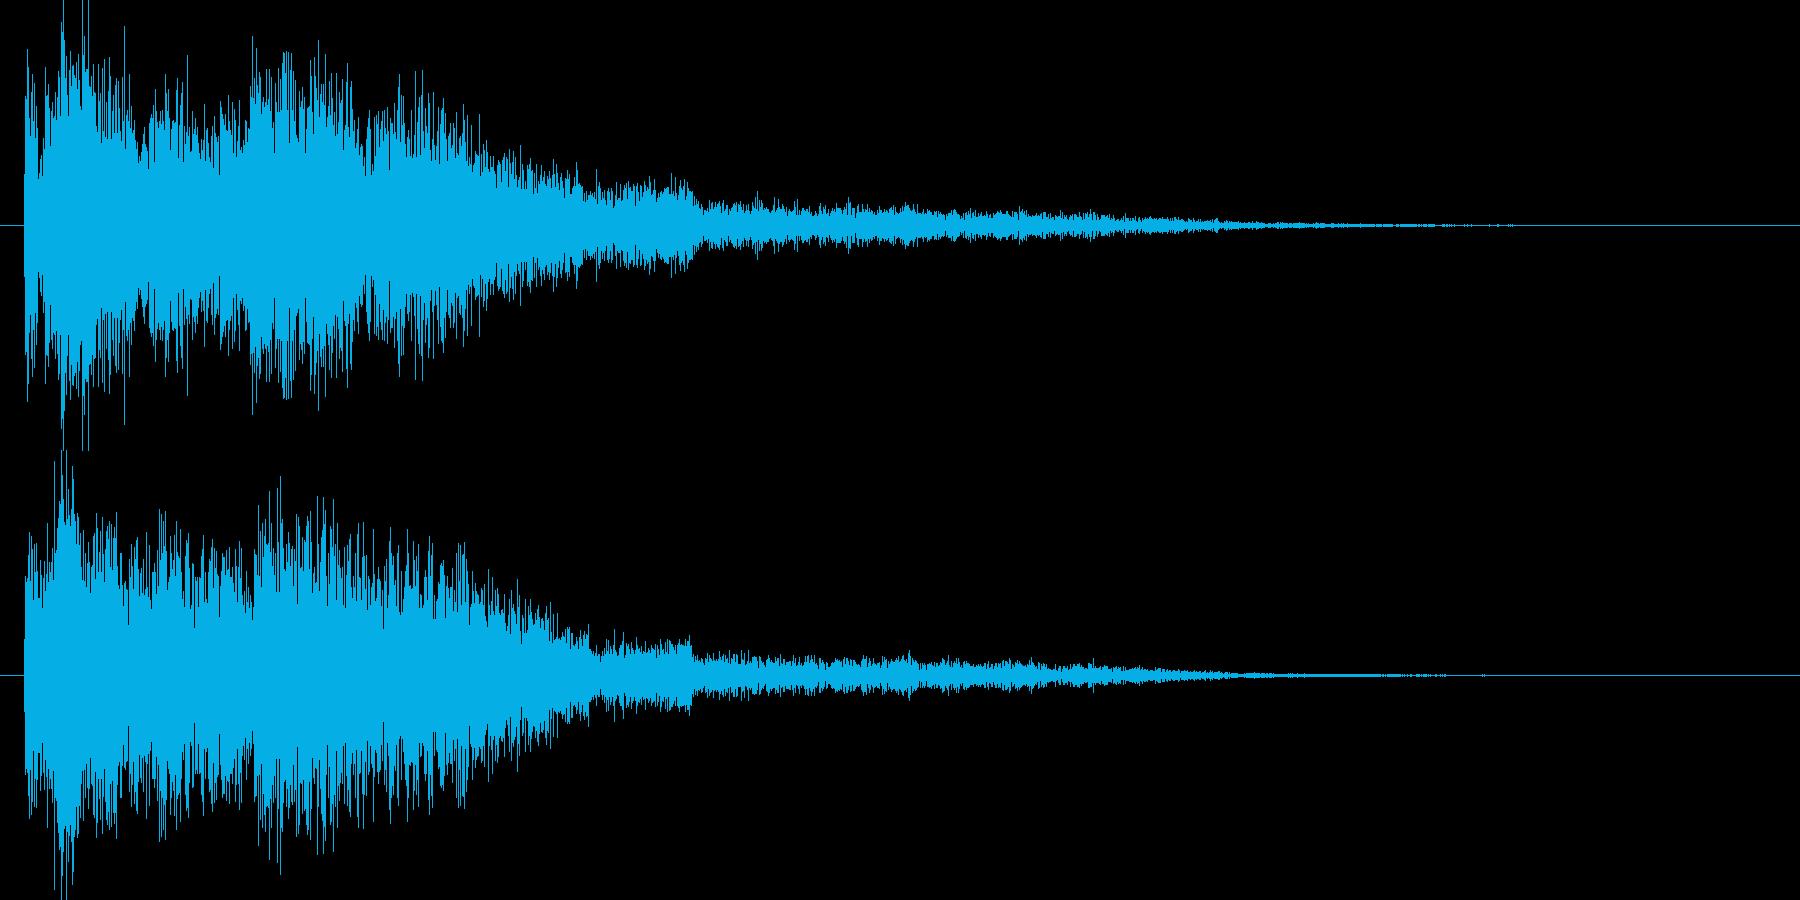 和風クリックジングルアイキャッチ神秘の再生済みの波形